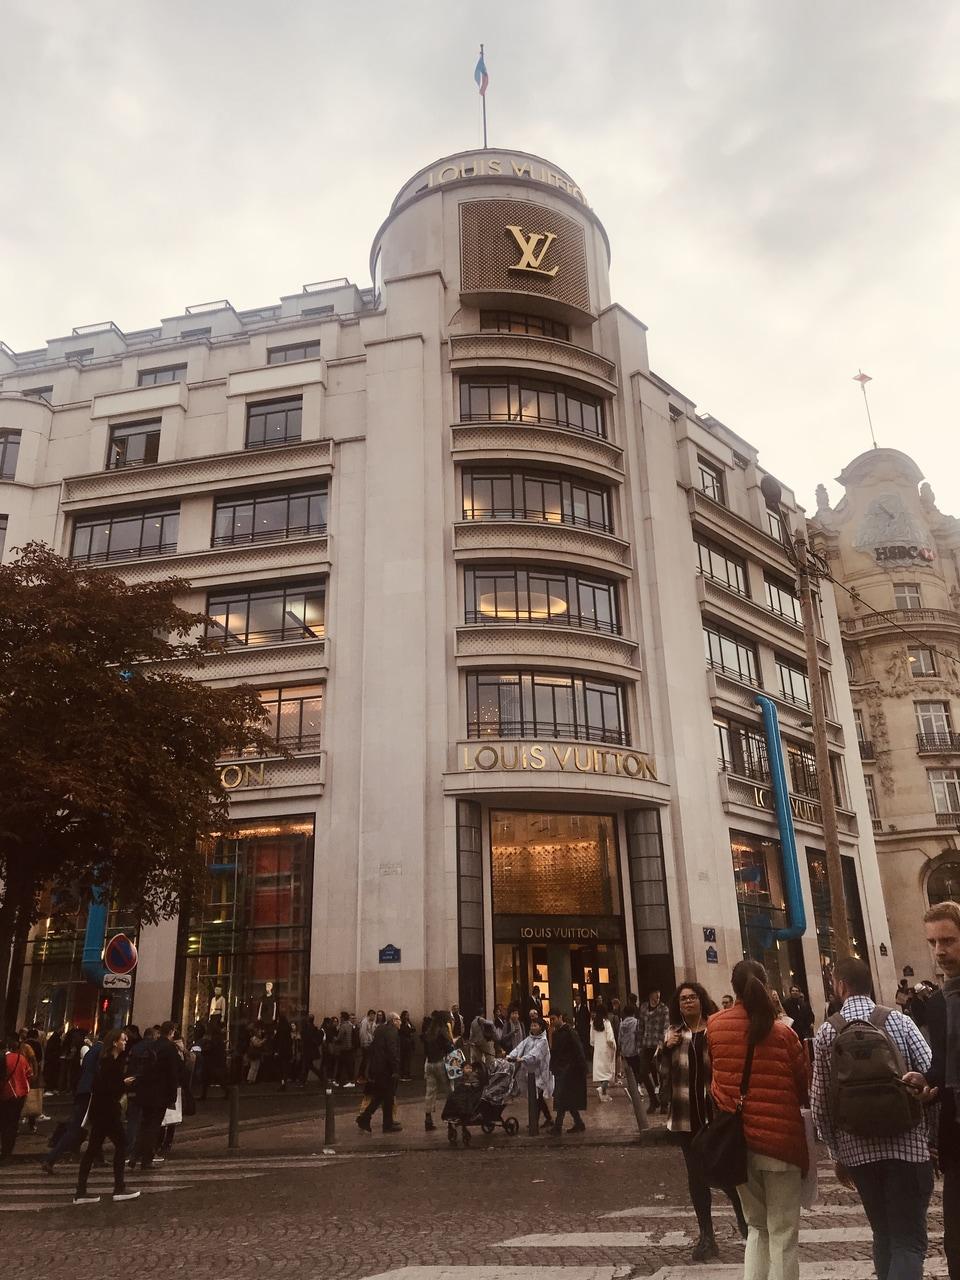 Champs Elysees Louis Vuitton Shop Paris France